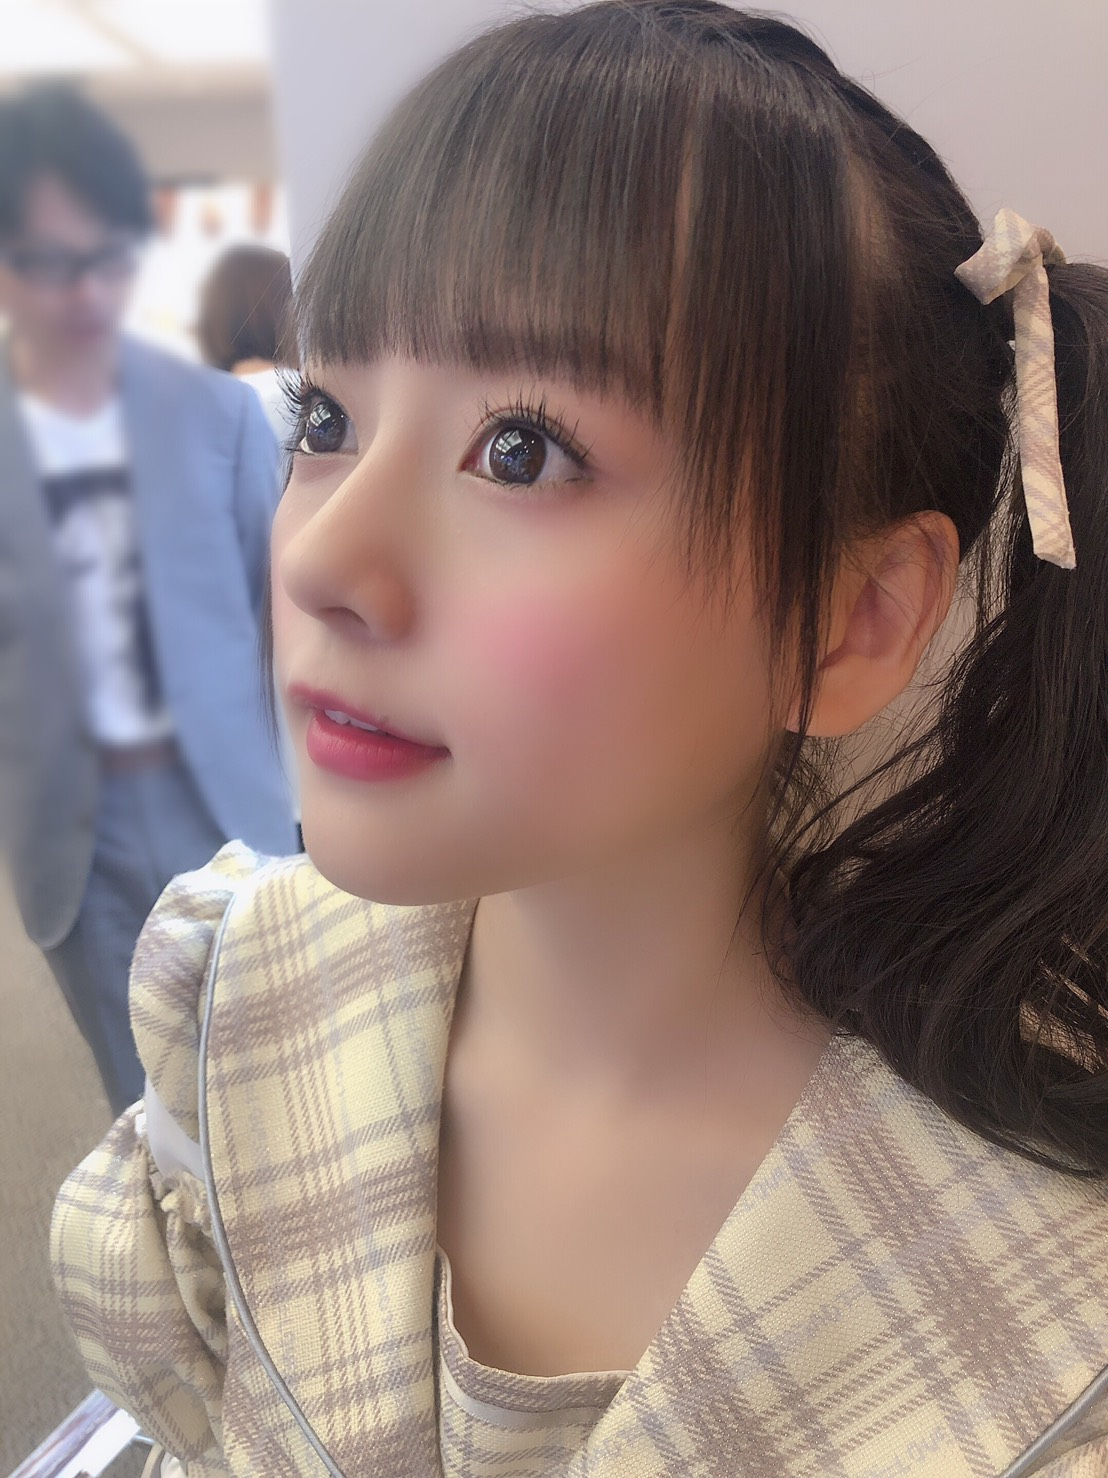 人類で1番かわいい女の子with伊藤さん